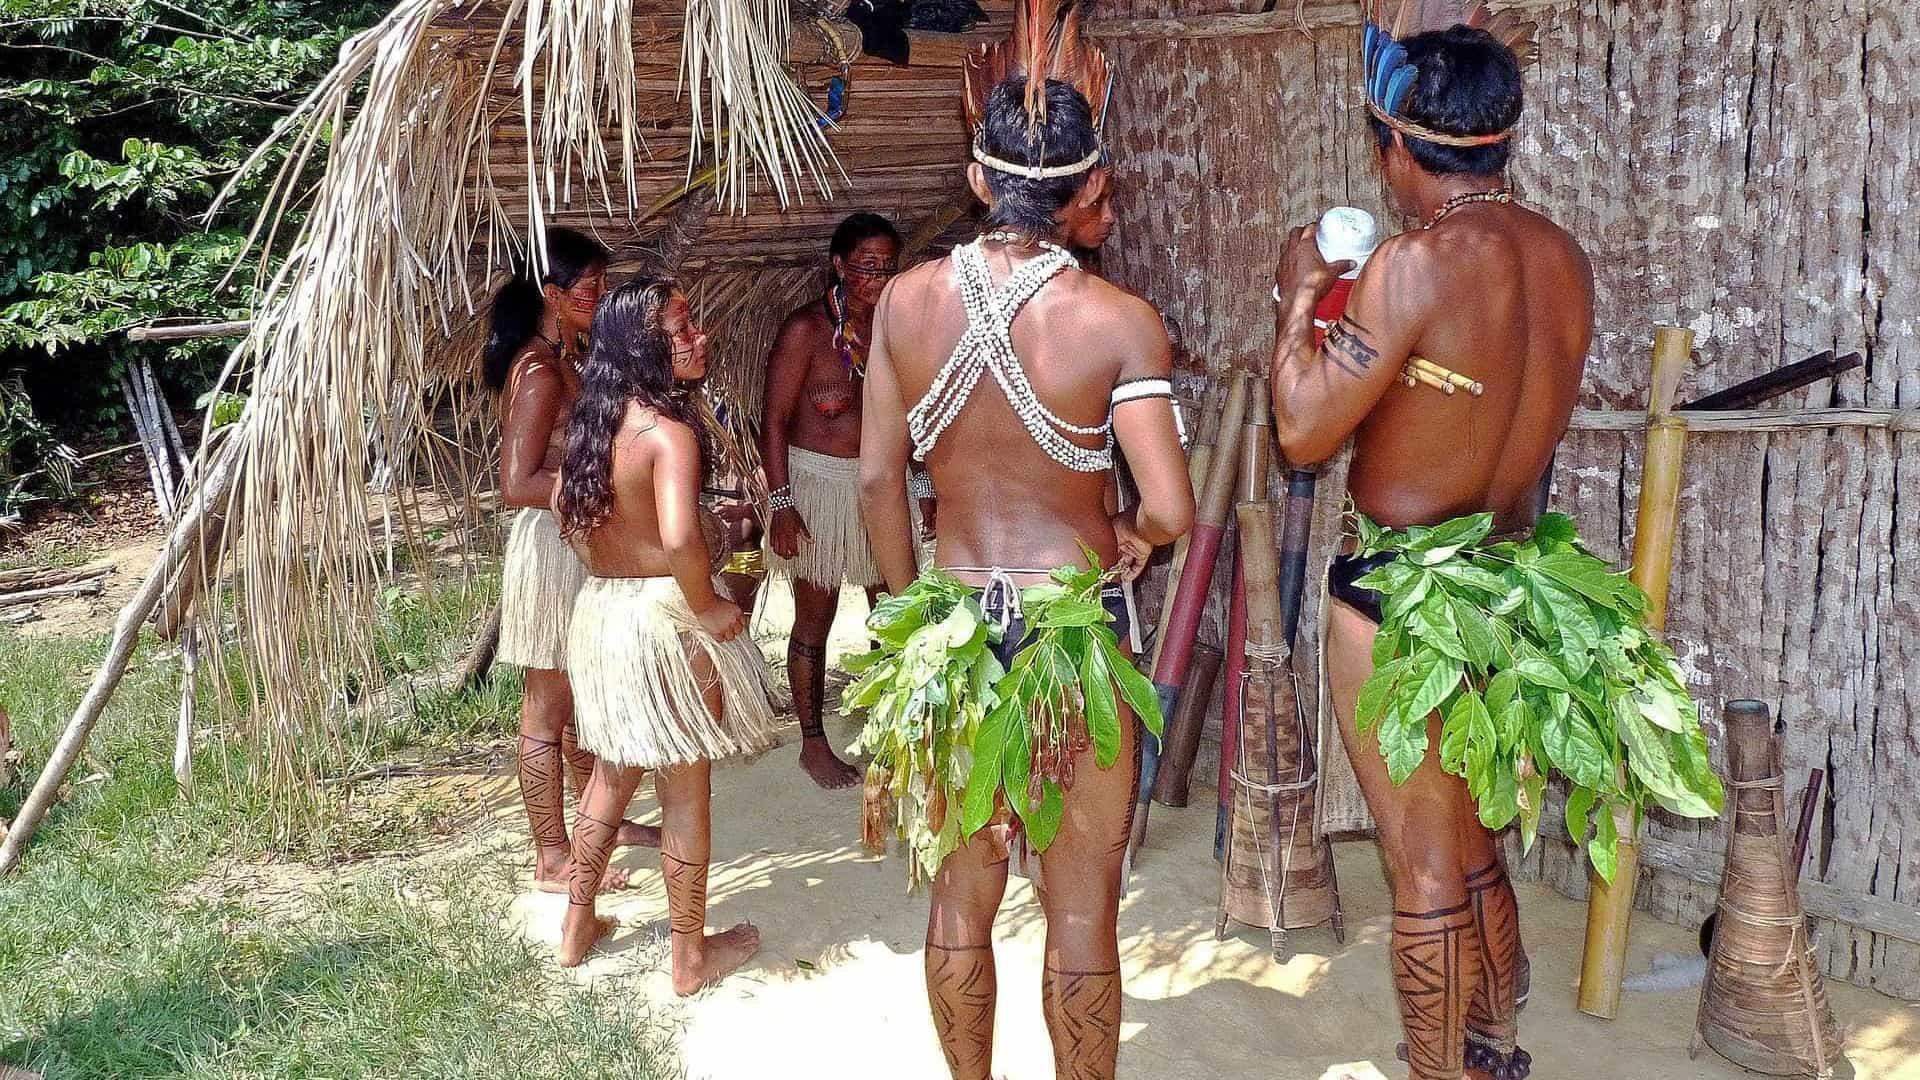 naom 58f780bb73a62 - Invasões em terras indígenas crescem 135% no governo Bolsonaro